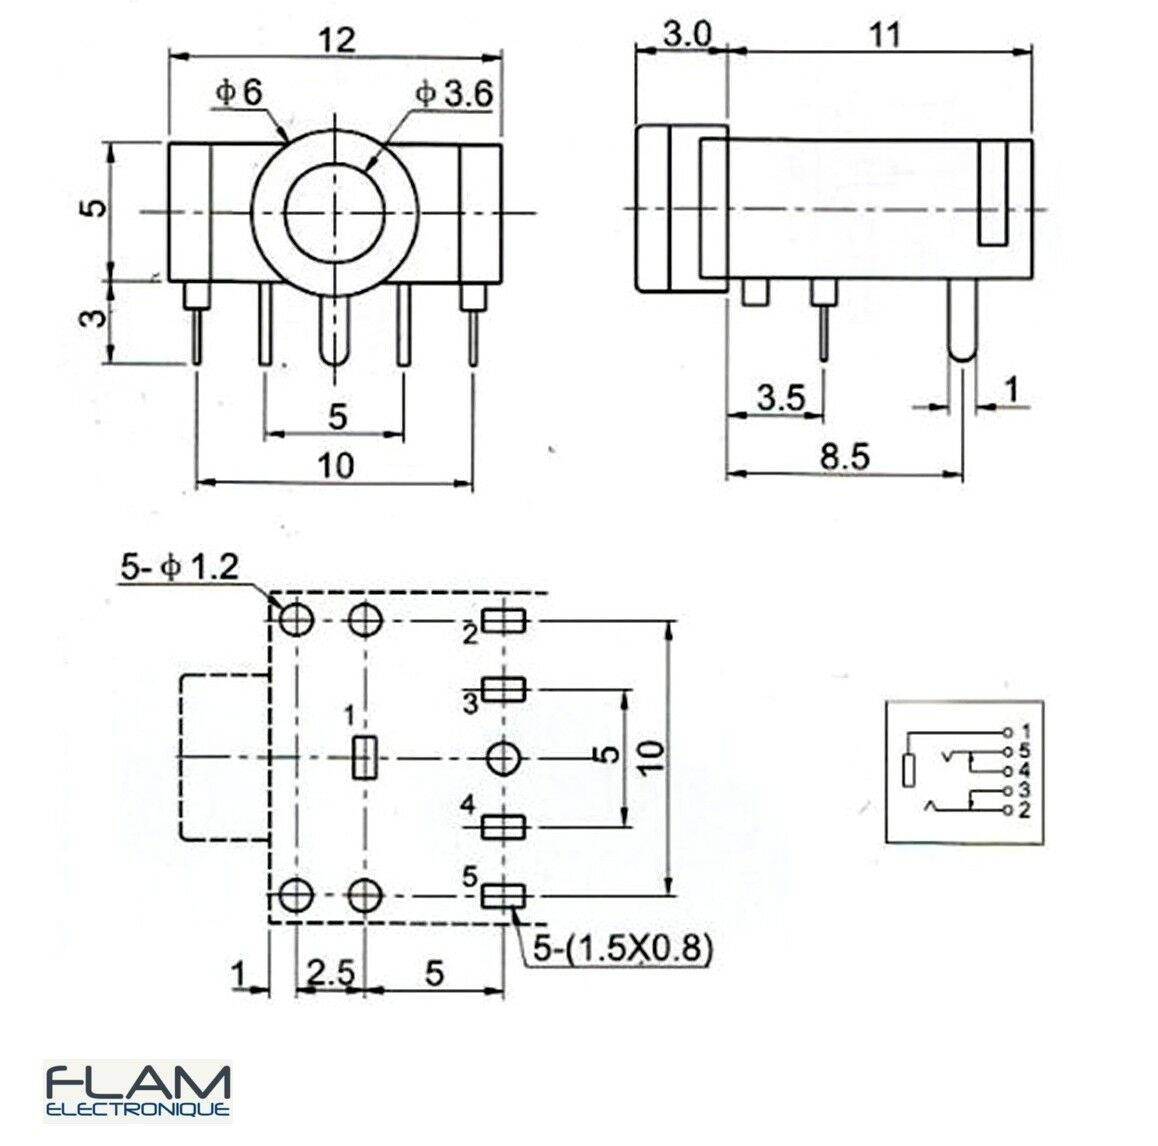 Connecteur à souder Jack 3,5mm audio stereo femelle/Female